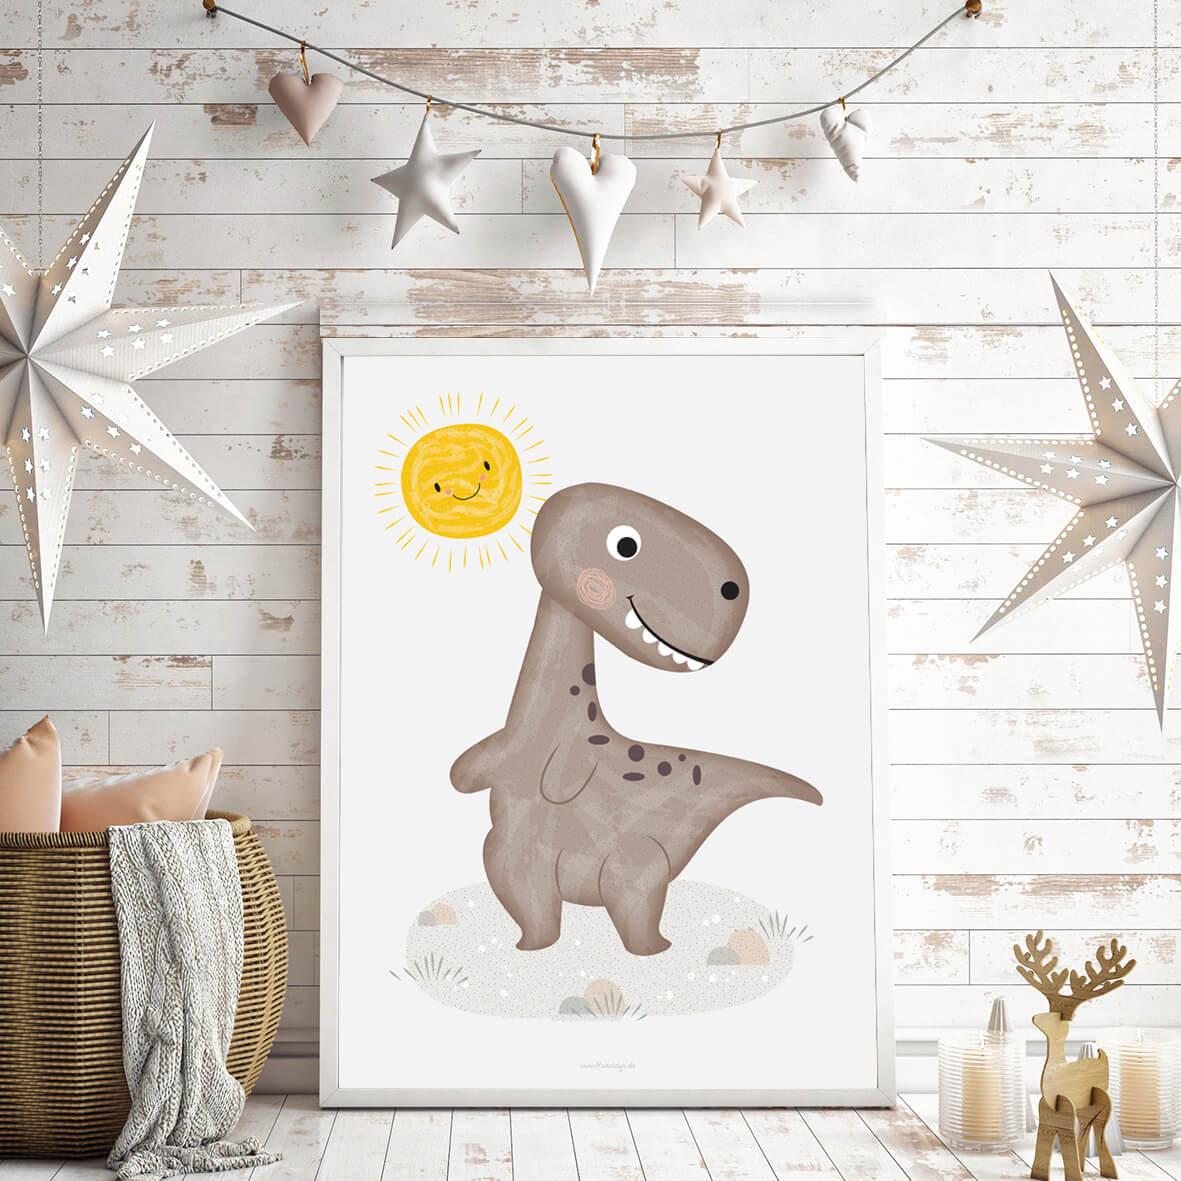 plakat-dinosaur-gaveide-2